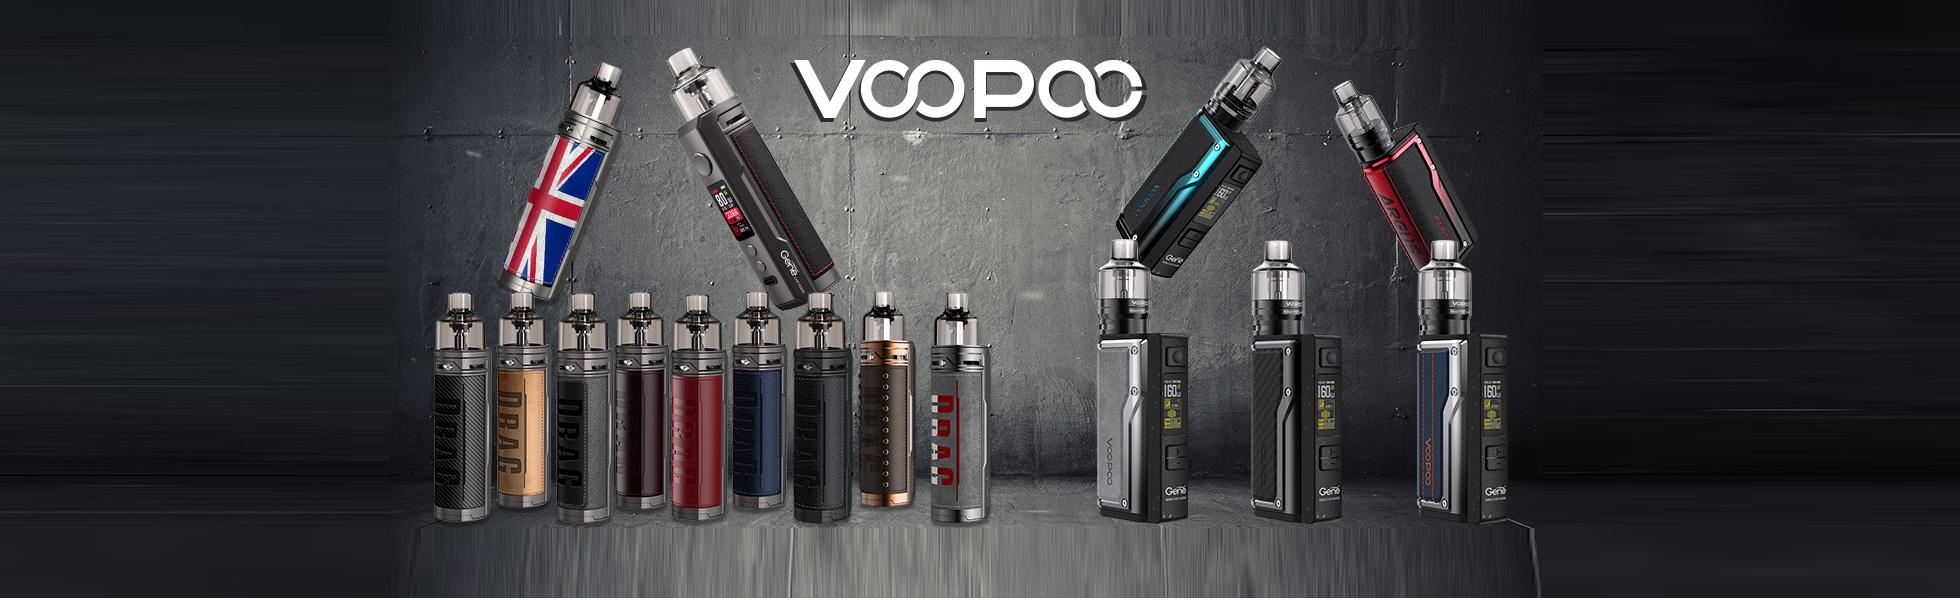 Voopoo - schickes Design und perfekter Geschm